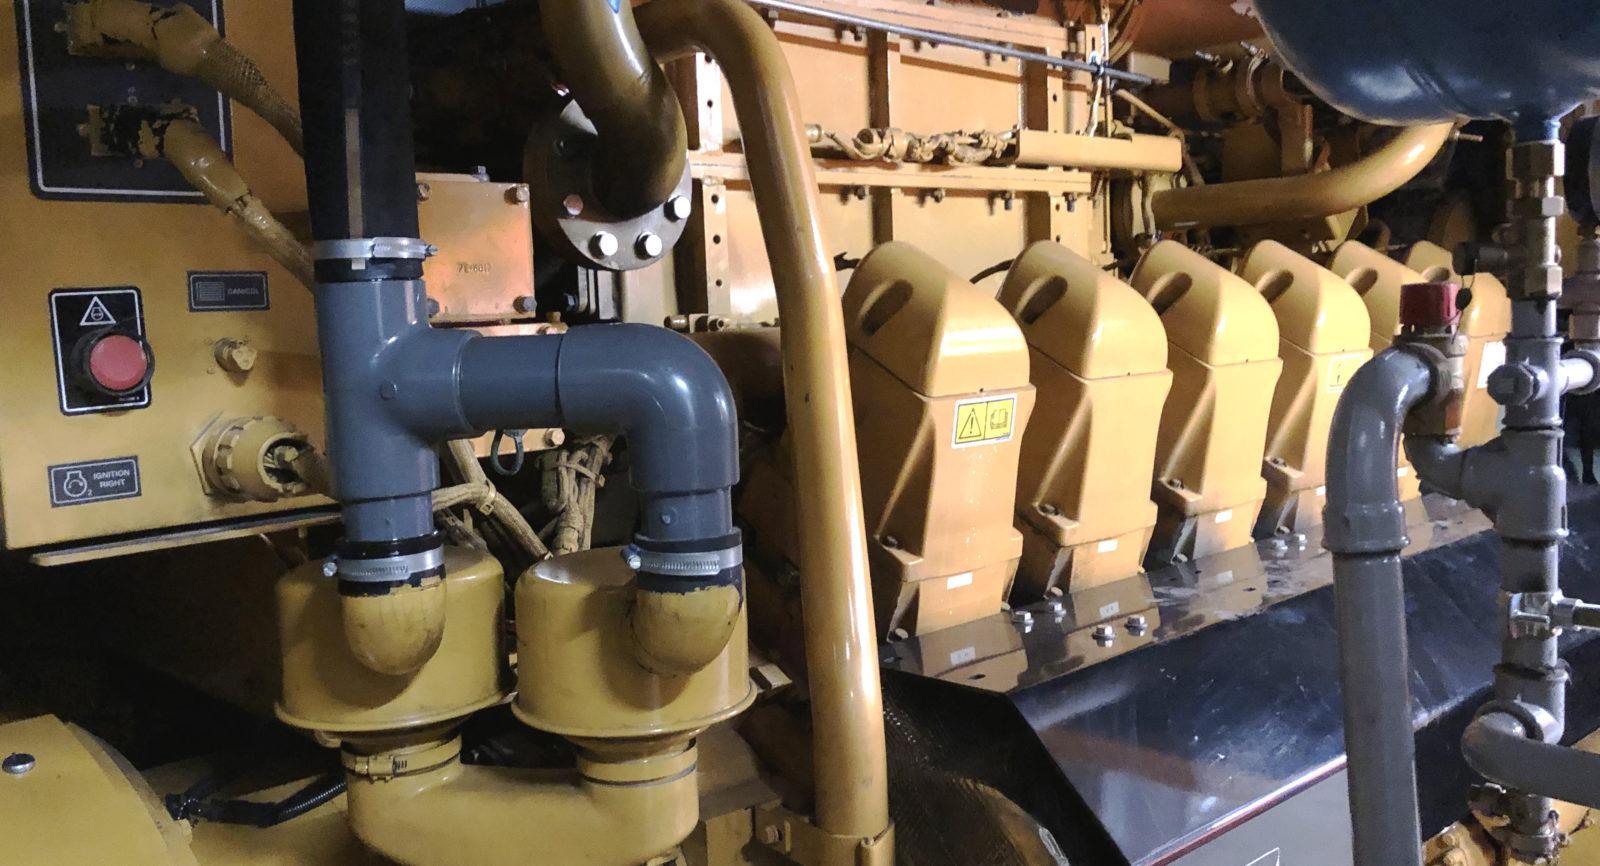 Mit der Stromproduktion auf der Basis des Gasmotors werden sowohl der allgemeine Elektrizitätsbedarf des Zentrums als auch die im Stadtgebiet installierten Wärmepumpen versorgt.